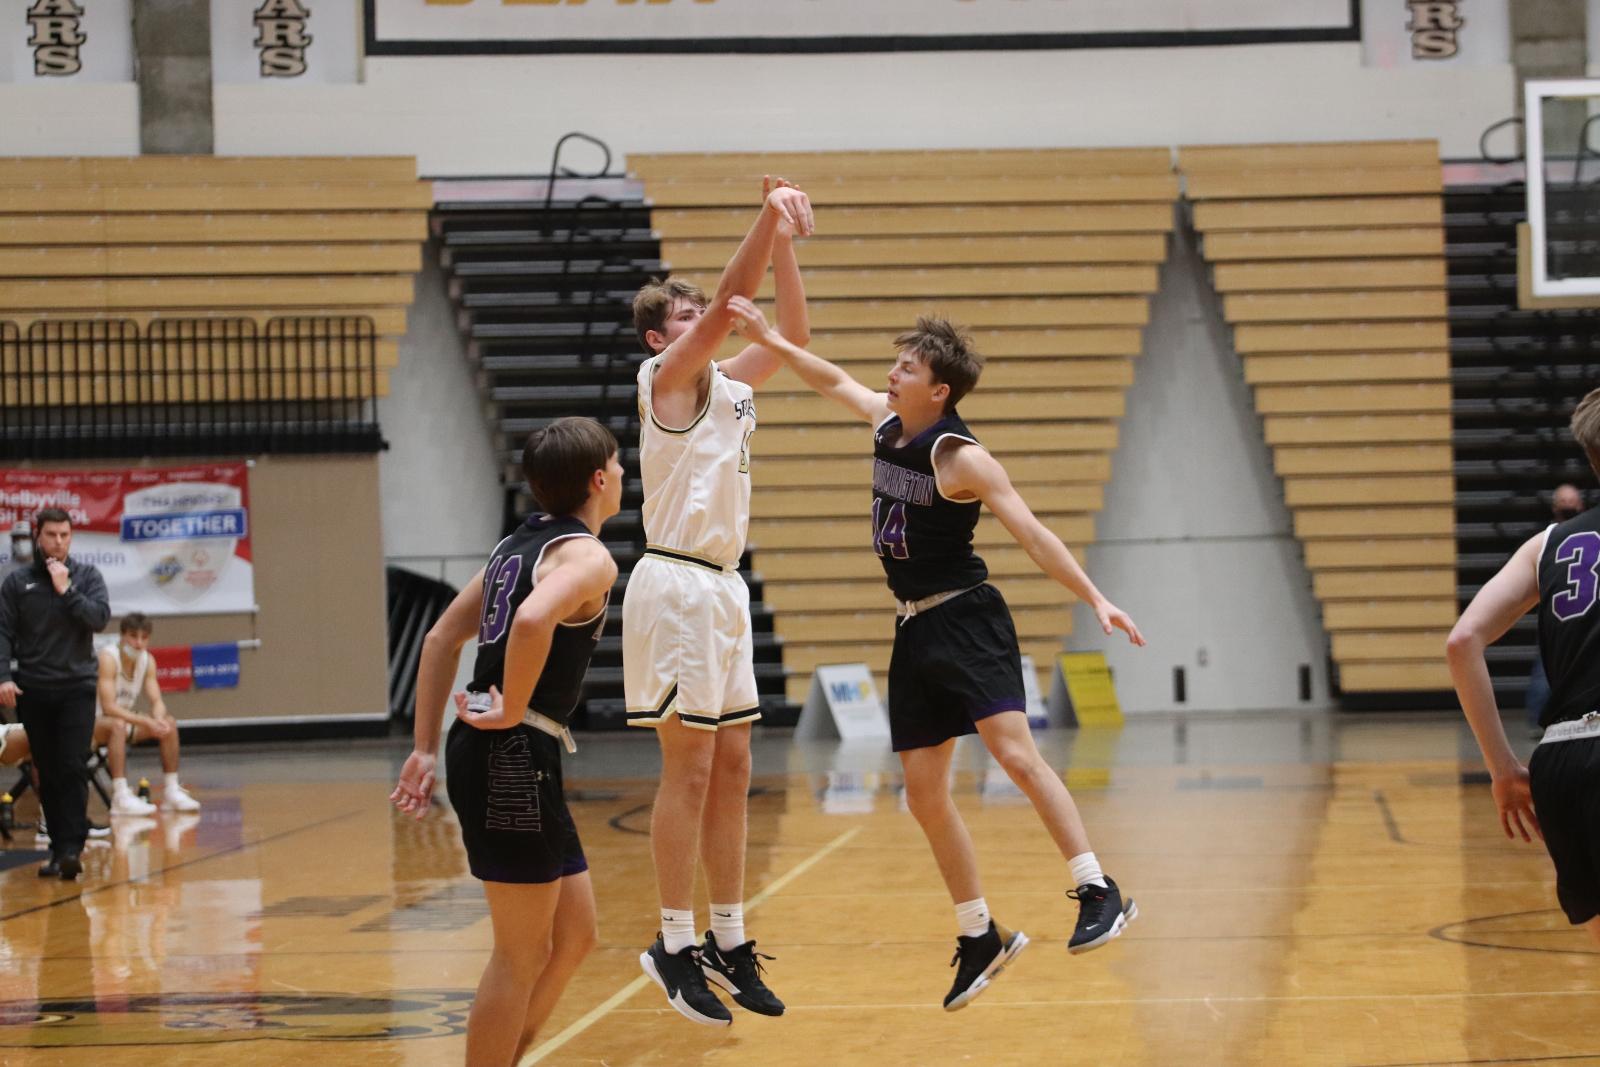 Boys Basketball Highlights vs. Seymour